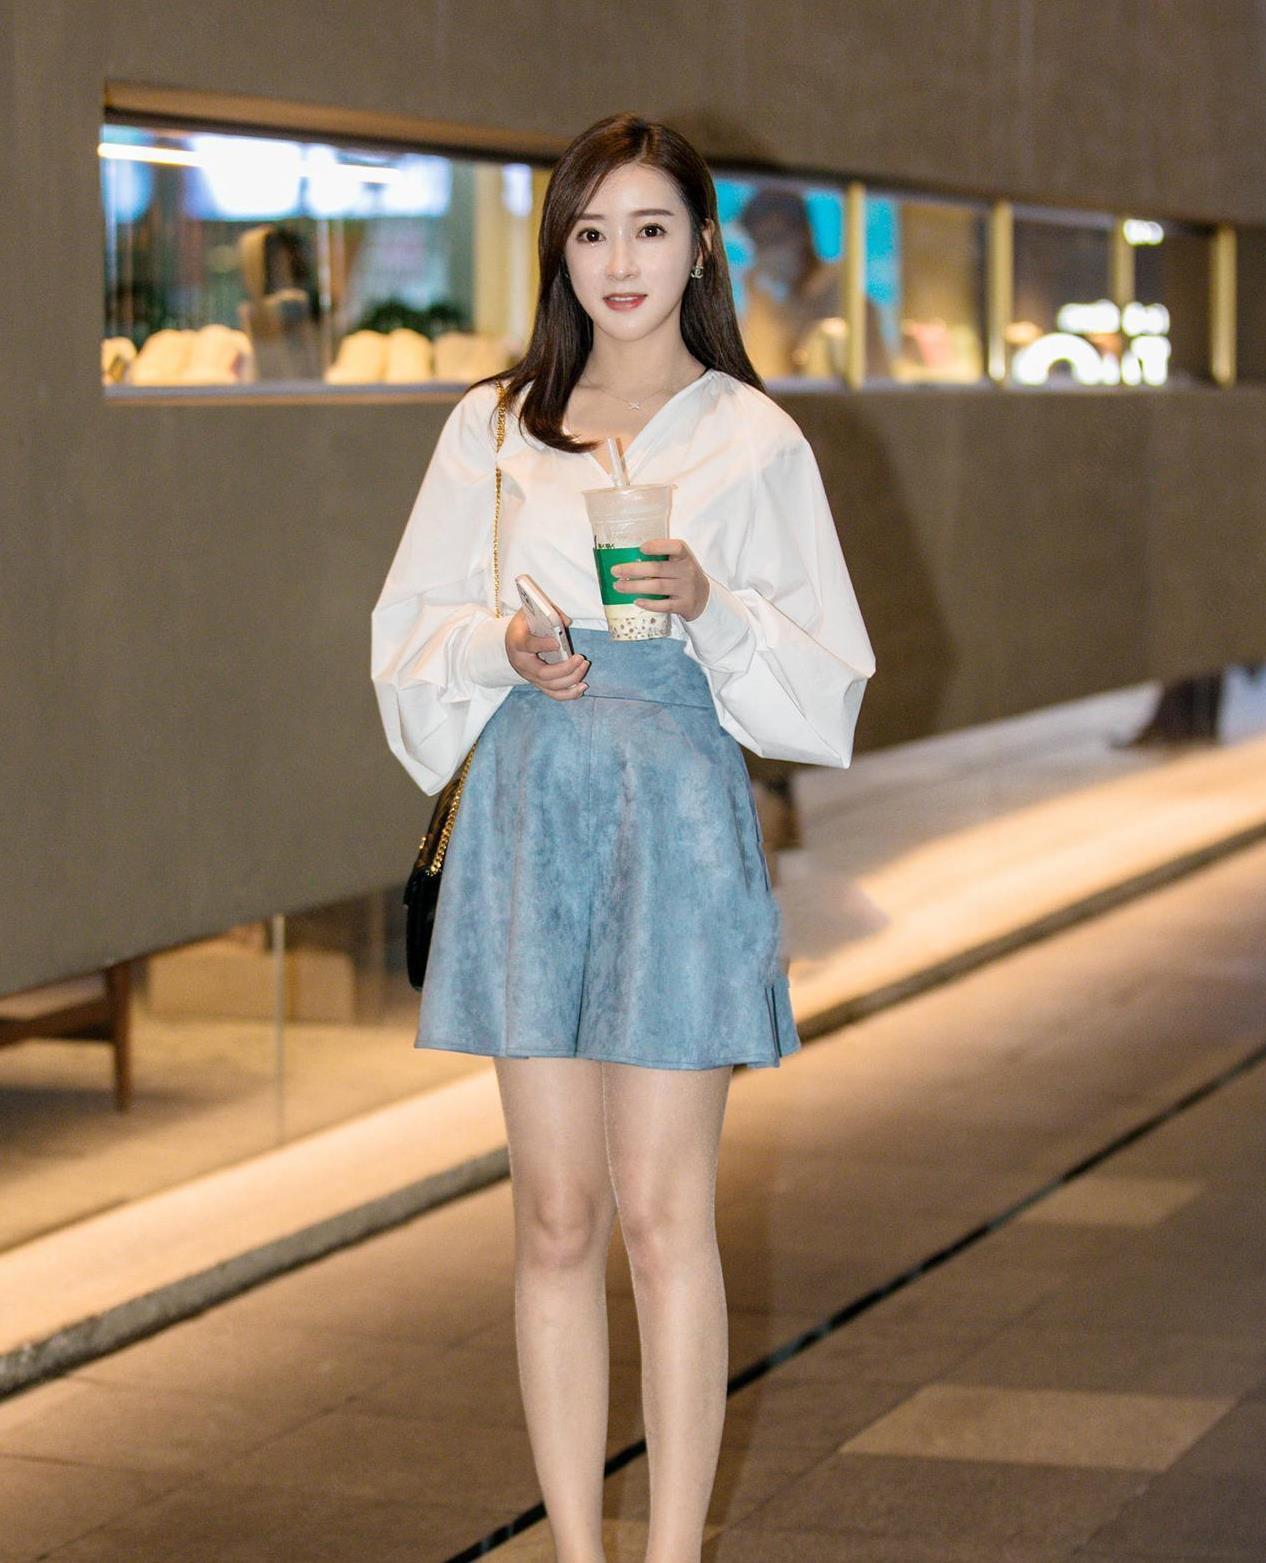 超好看的韩版上衣,搭配吊带与短裤,版型时尚,谁穿都好看